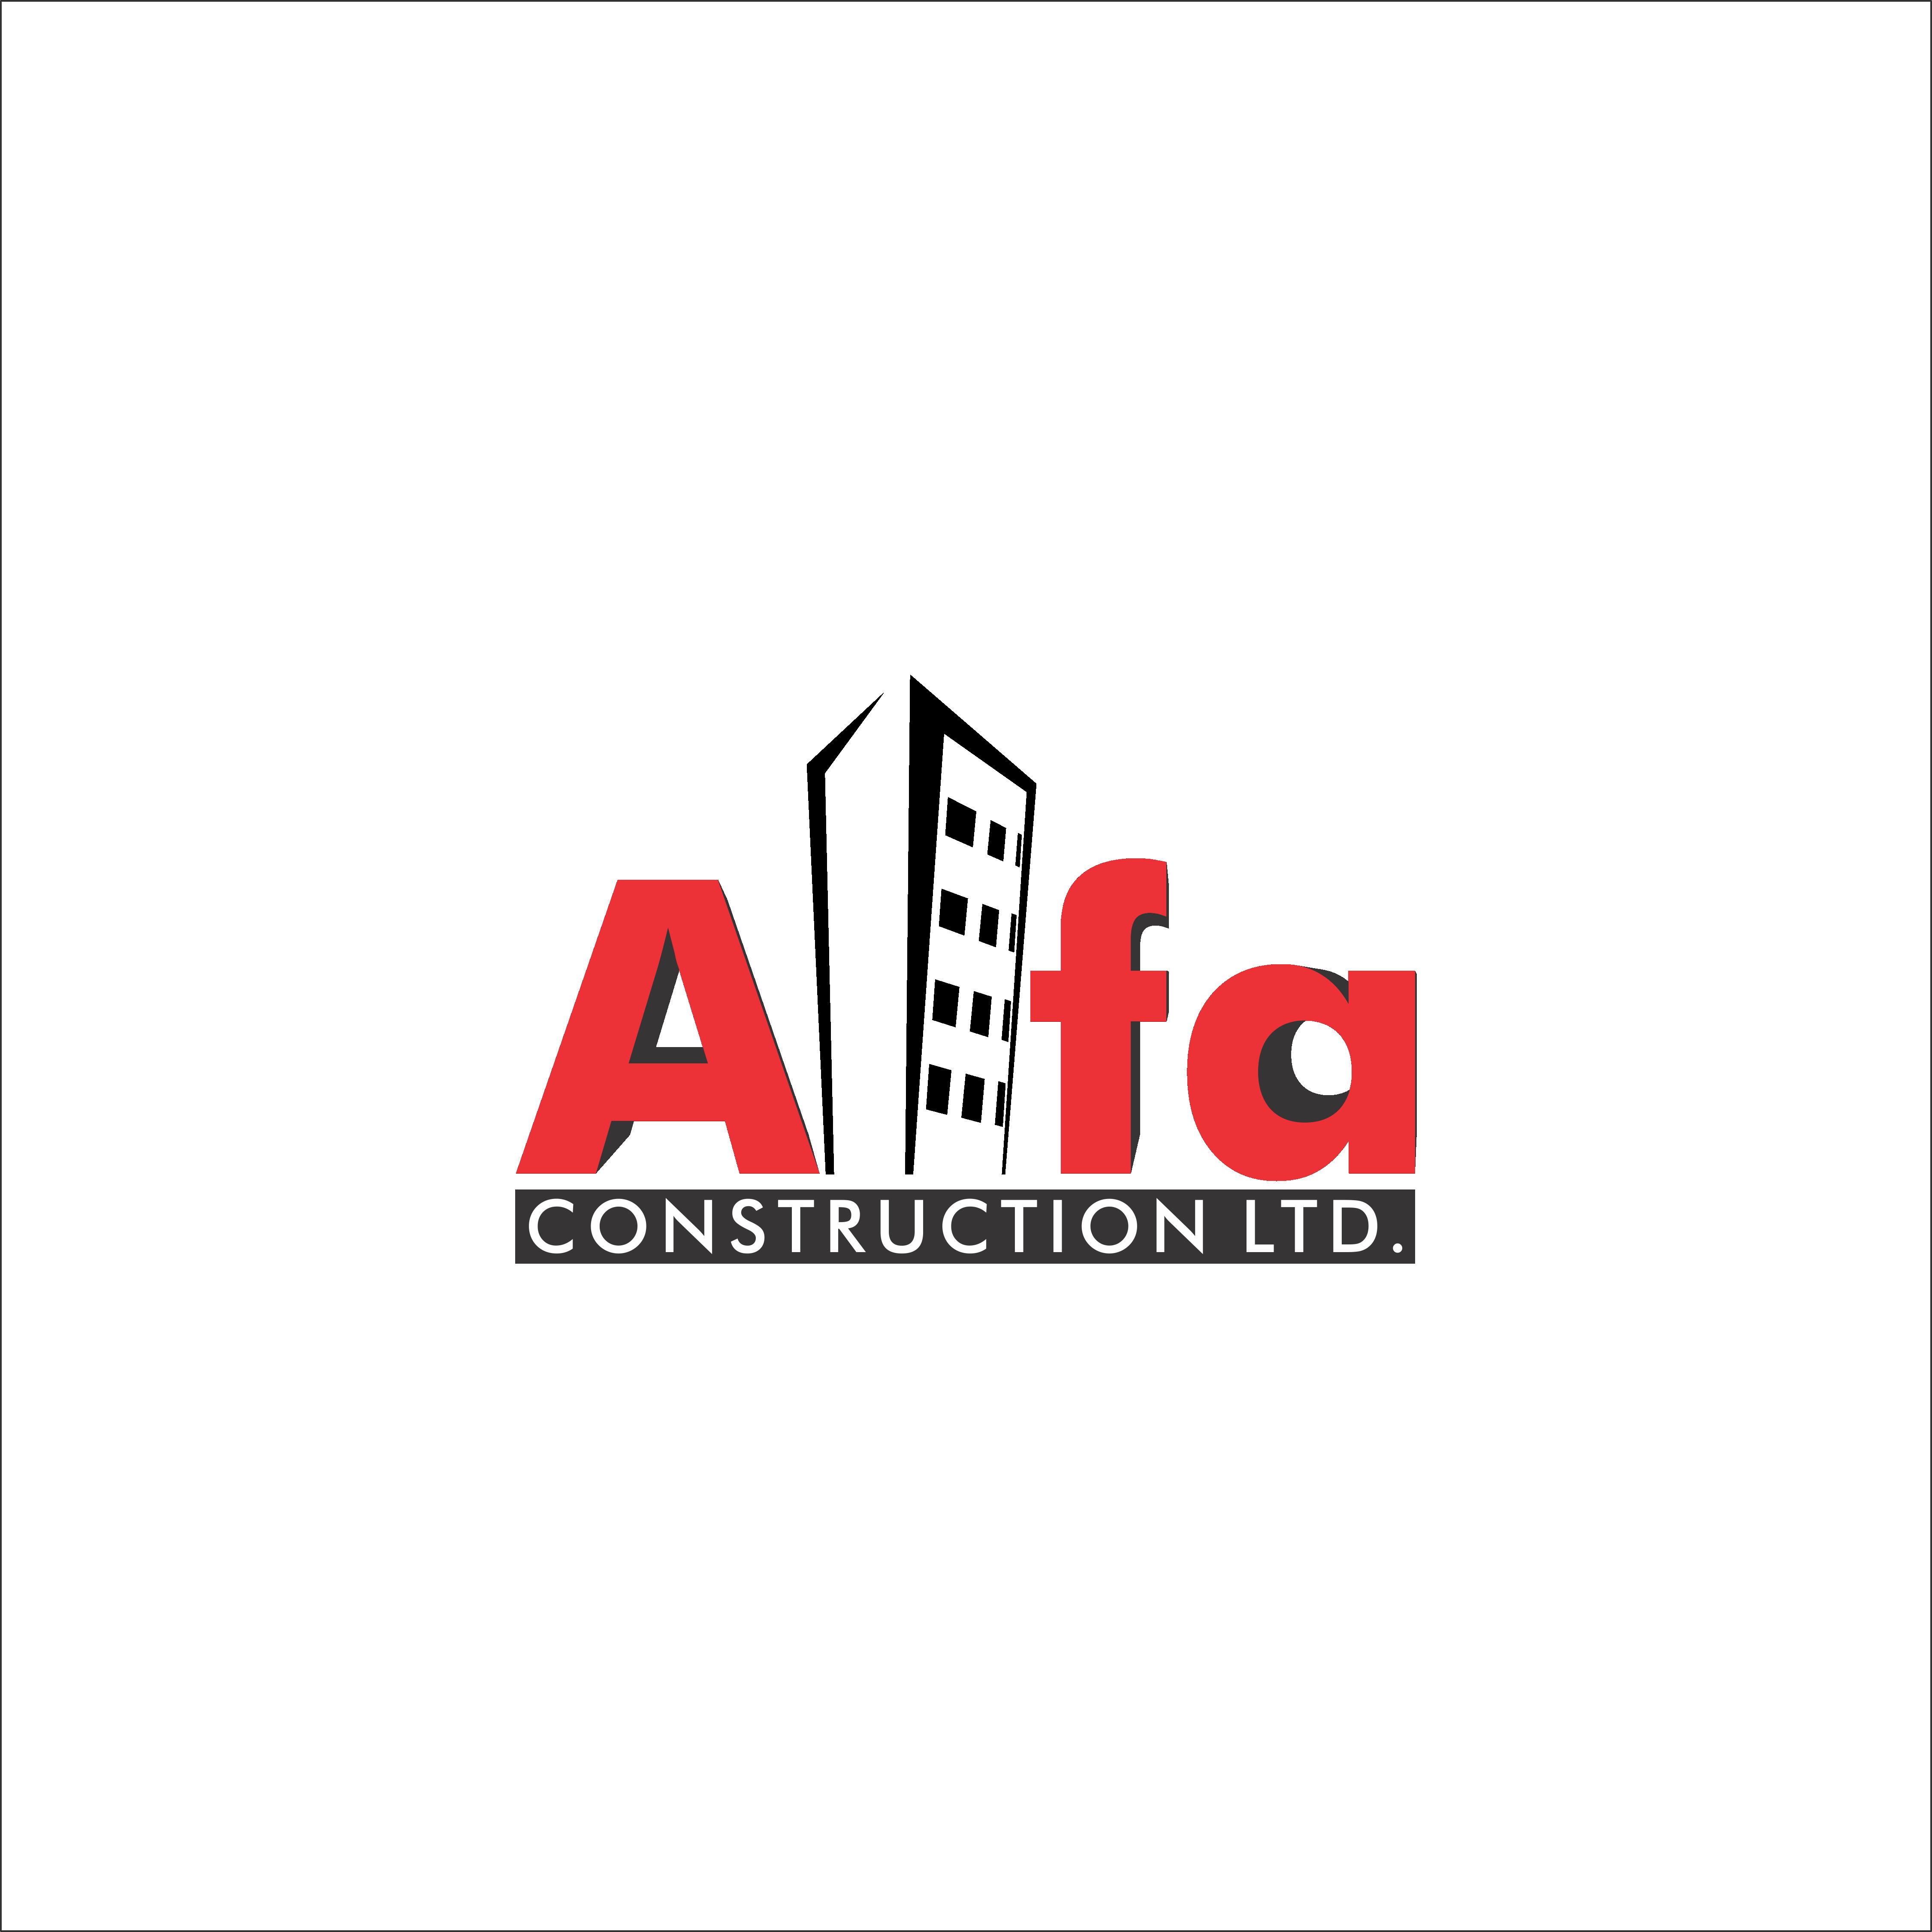 Logo Design by renren - Entry No. 121 in the Logo Design Contest Fun Logo Design for Alfa Construction Ltd.